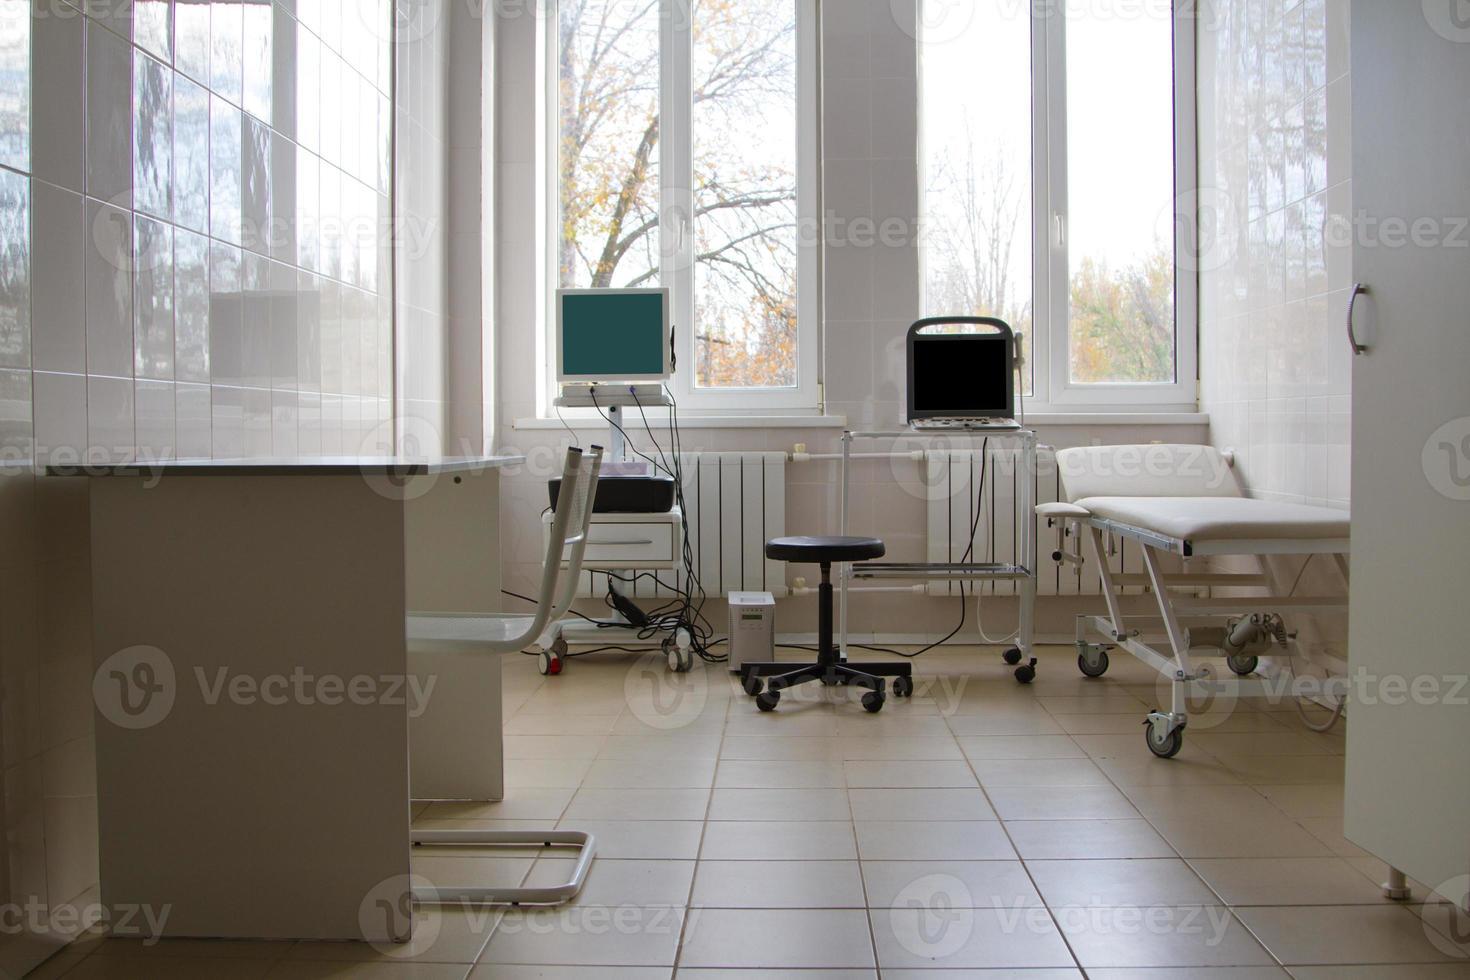 sala de hospital foto